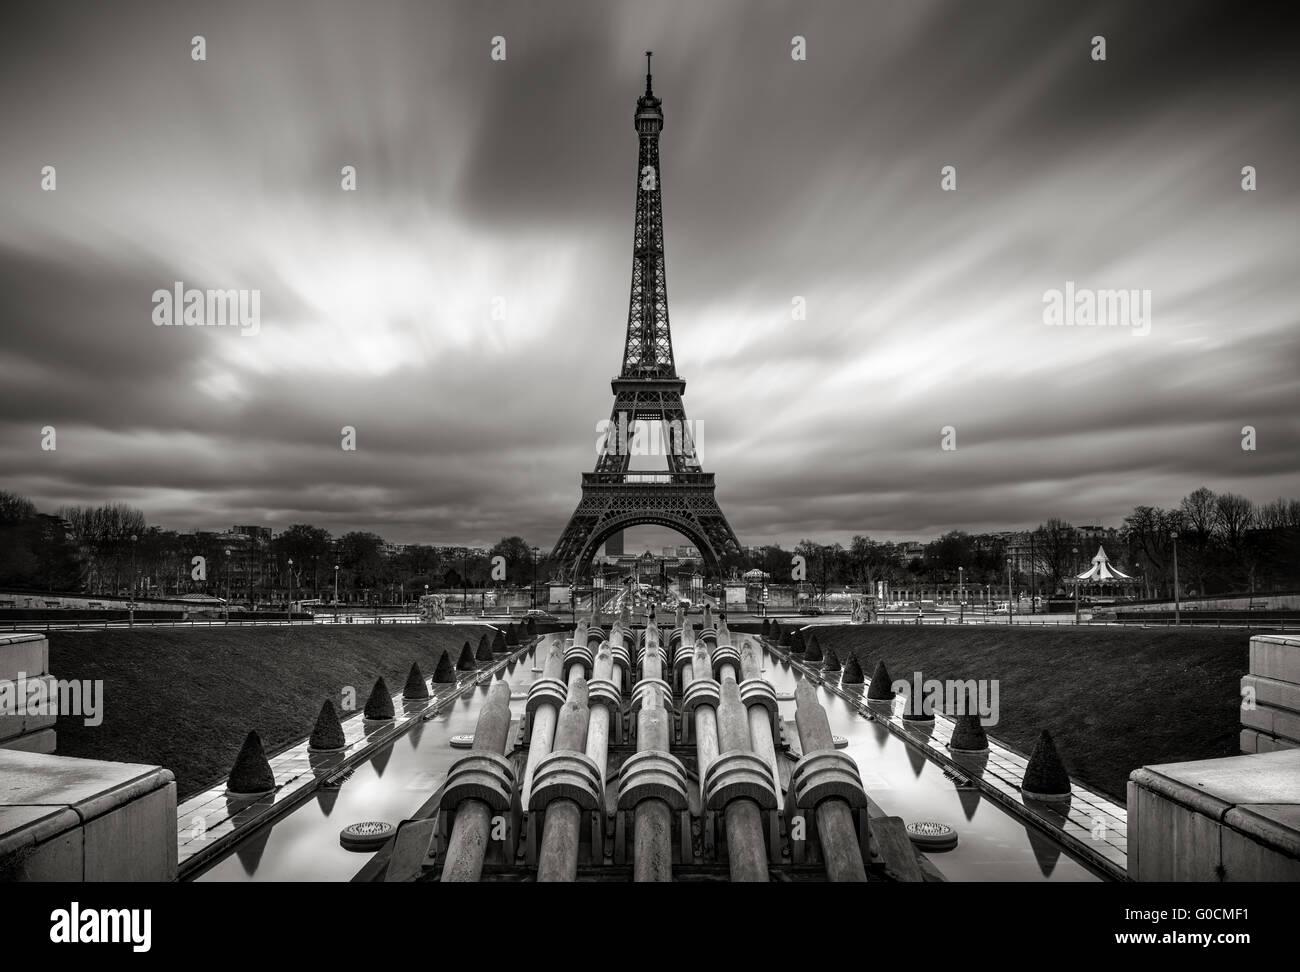 Eiffelturm und Trocadero bei Sonnenaufgang mit schnell ziehenden Wolken, Paris, Frankreich. & Schwarz. Stockbild